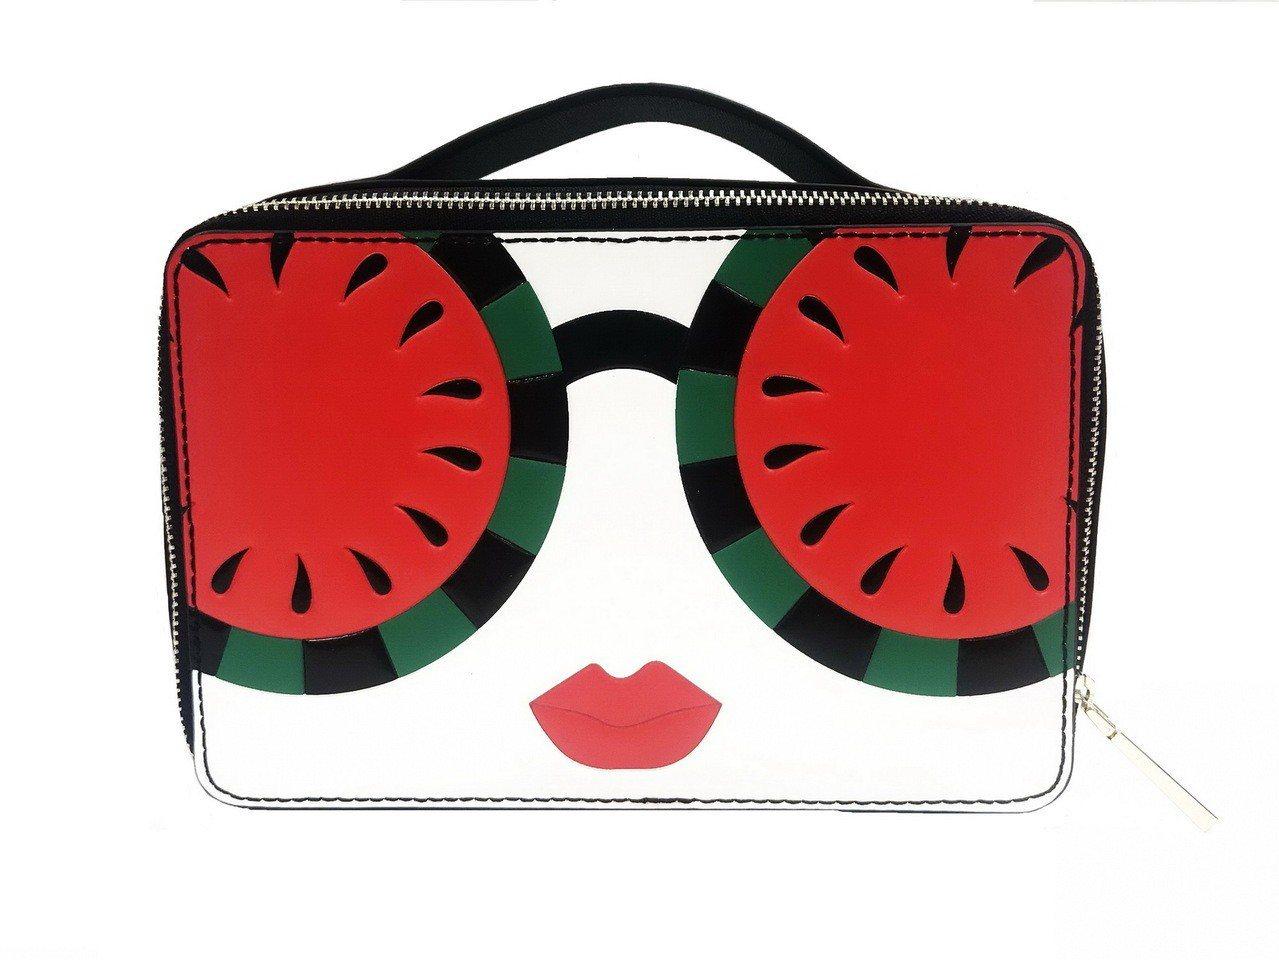 西瓜太陽眼鏡StaceFace皮革化妝包,6,500元。圖/alice + ol...